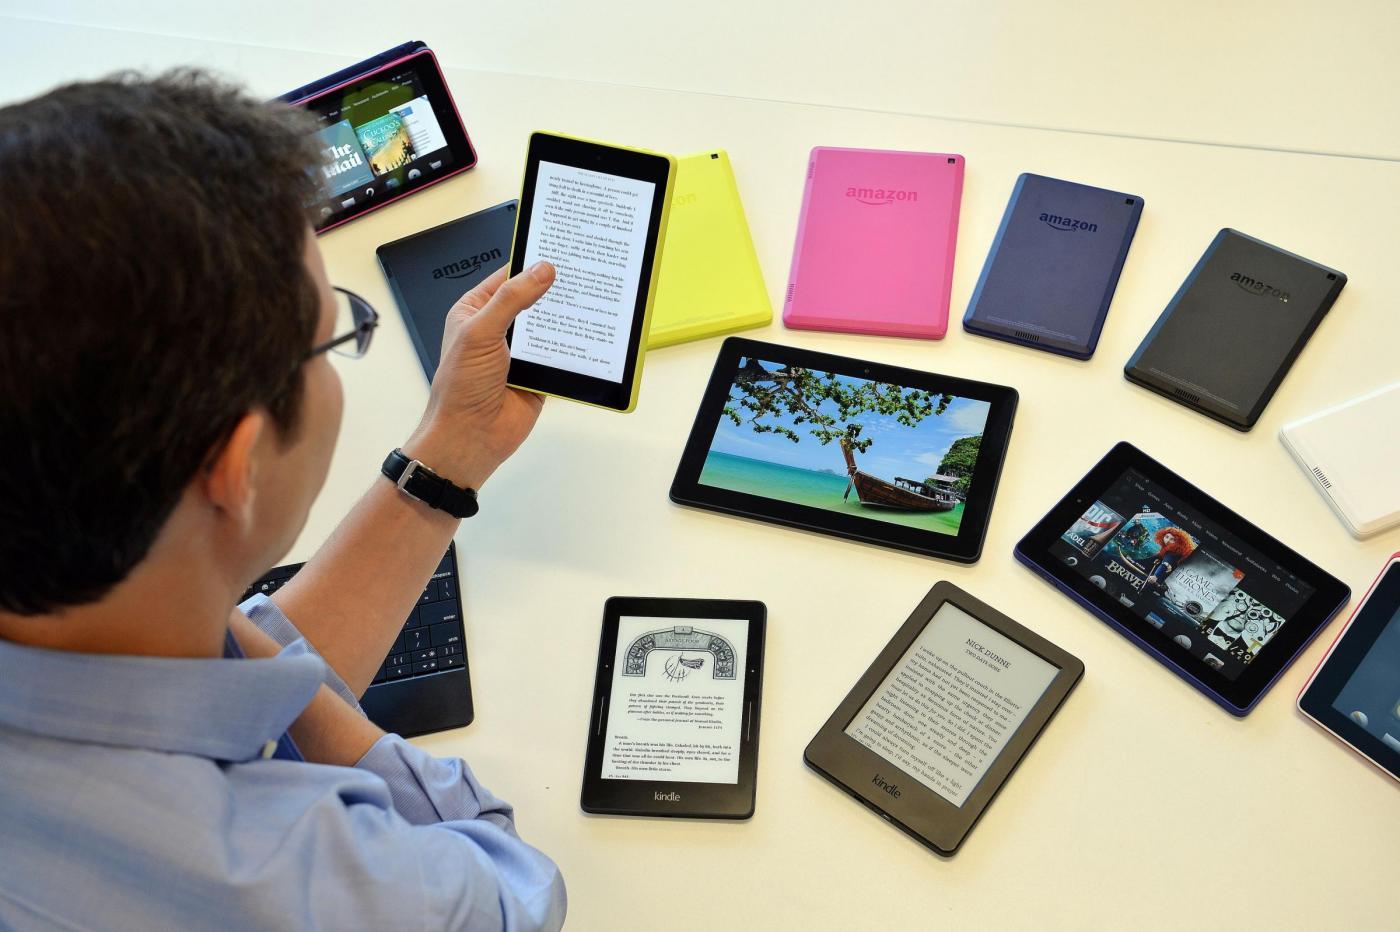 Ebook più venduti in Italia su Amazon: al primo posto La ragazza del treno